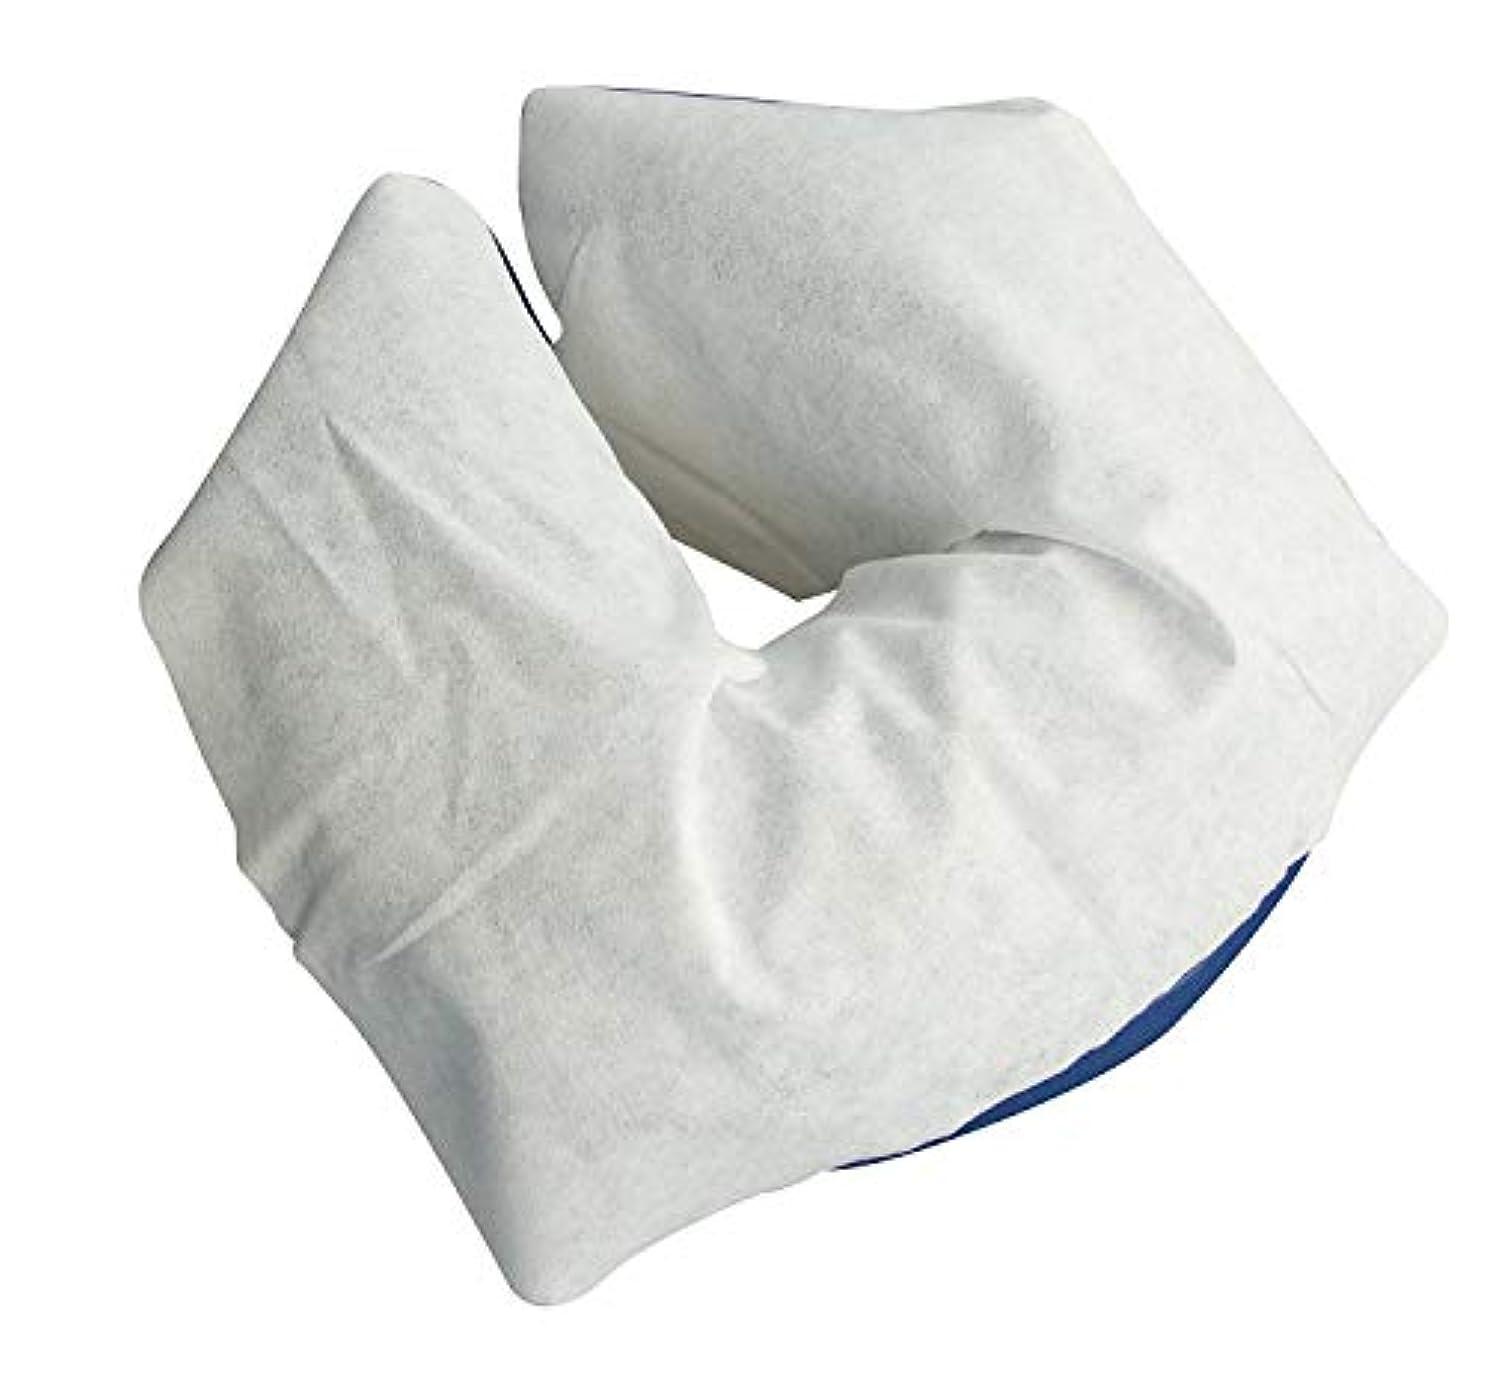 エスカレートライン置換Umora U字 ピローシート 使い捨てマクラカバー 業務用 美容 サロン 100%綿 柔軟 厚手(200枚)